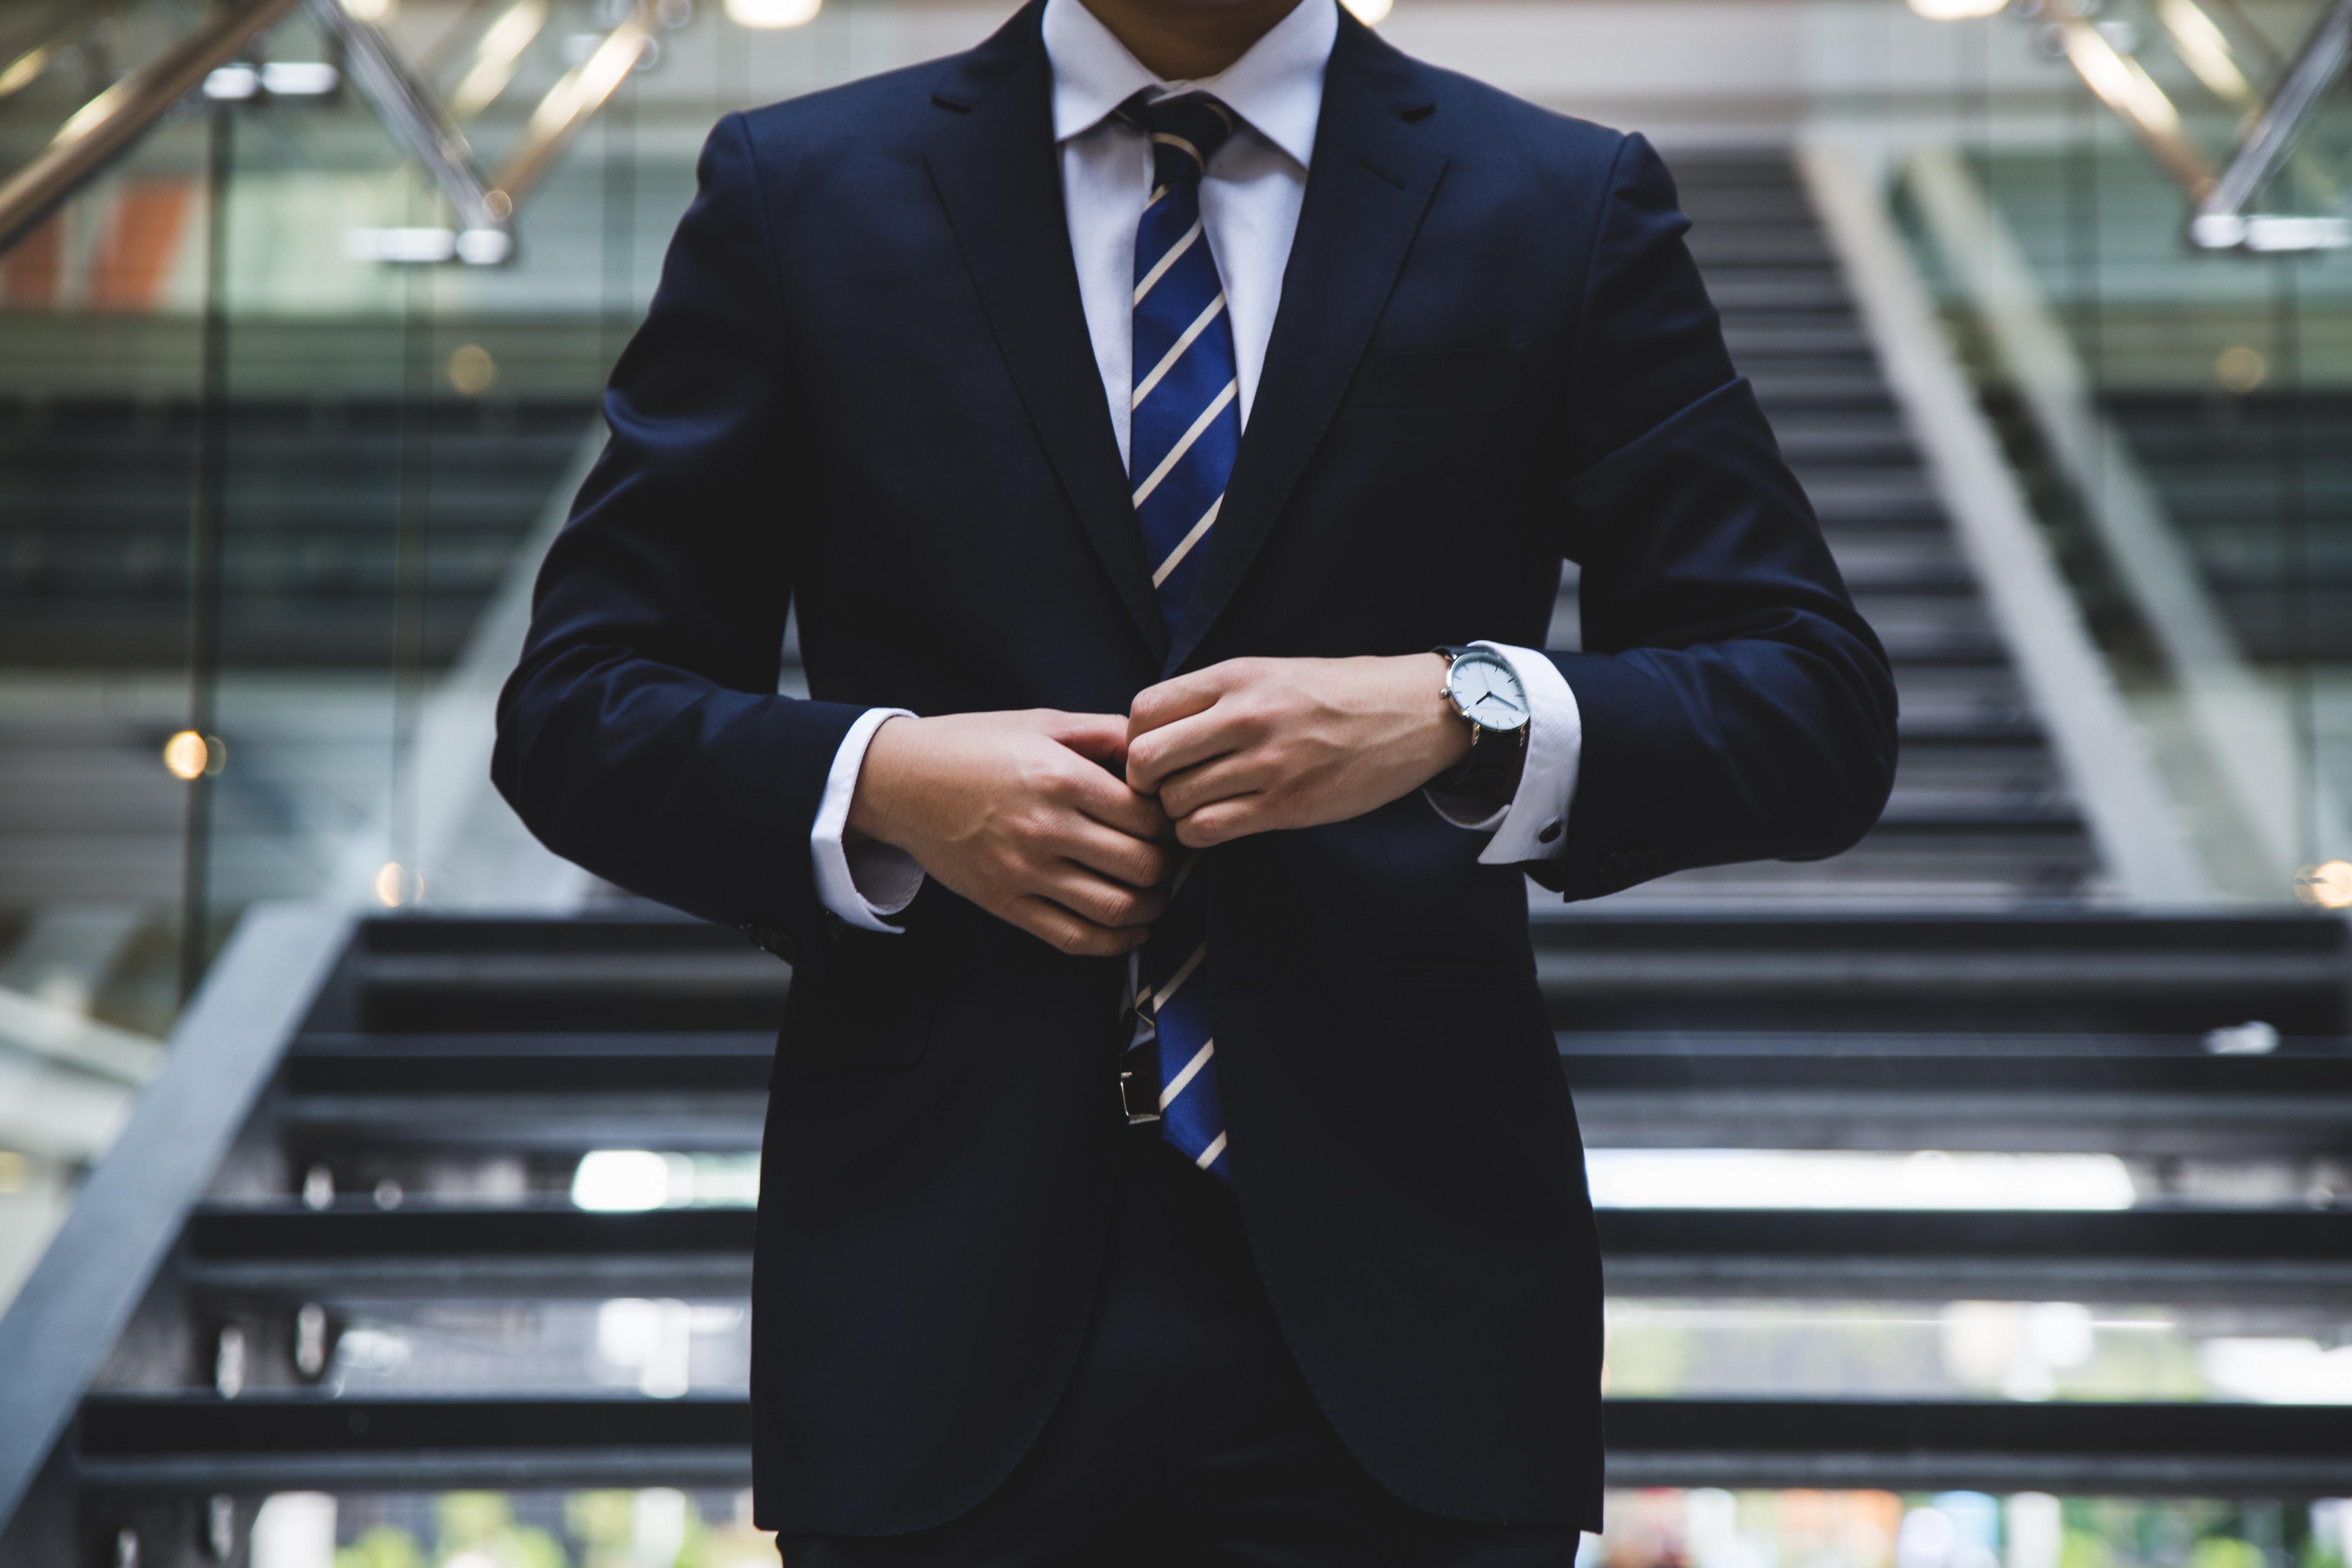 Svettning påverkar yrkesval